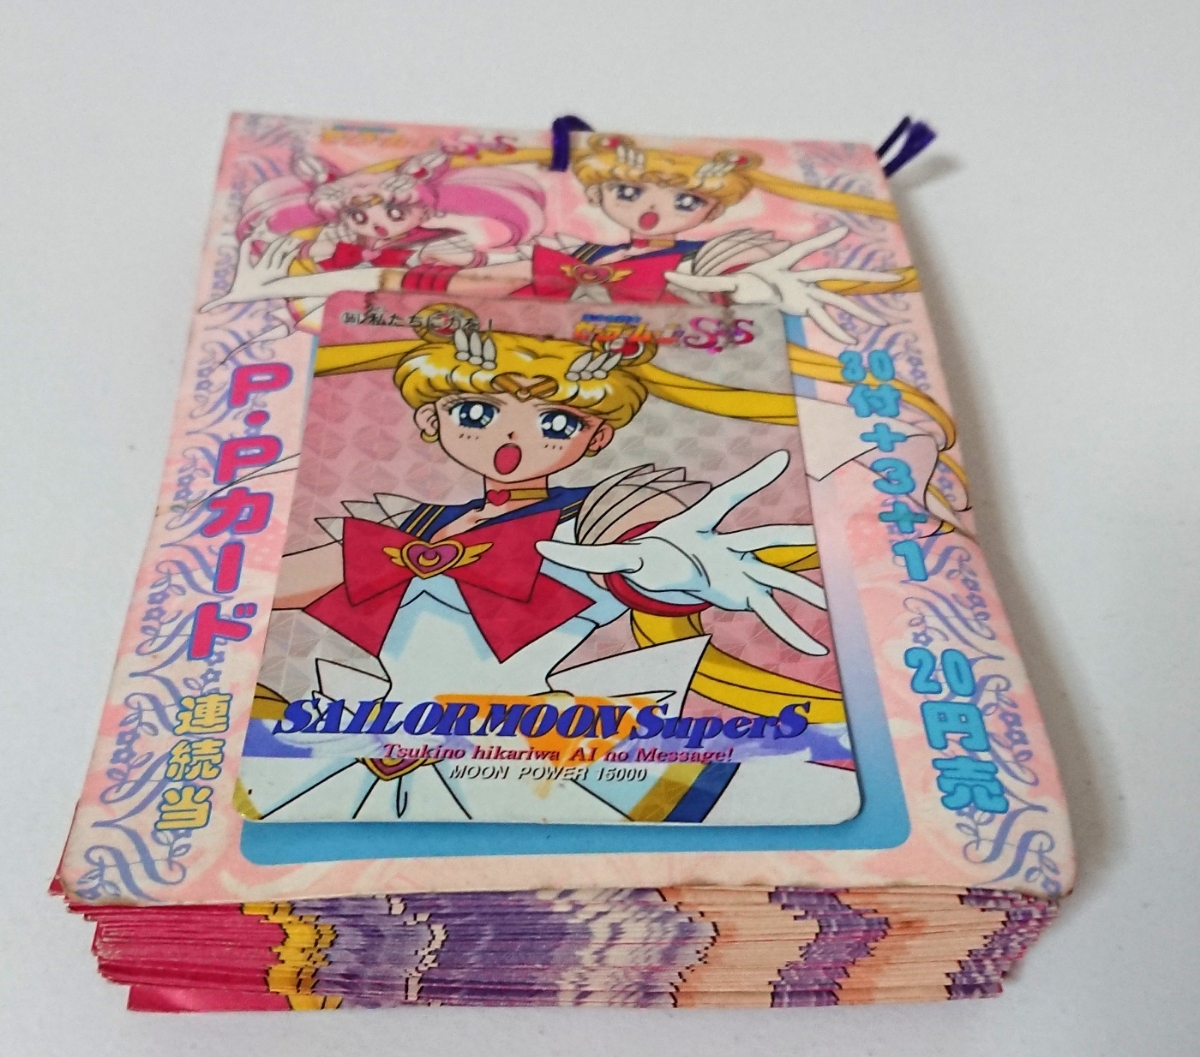 ★美品・レア★セーラームーンSS PPカード束〈セーラームーン〉34袋 1995年 アマダ_画像7